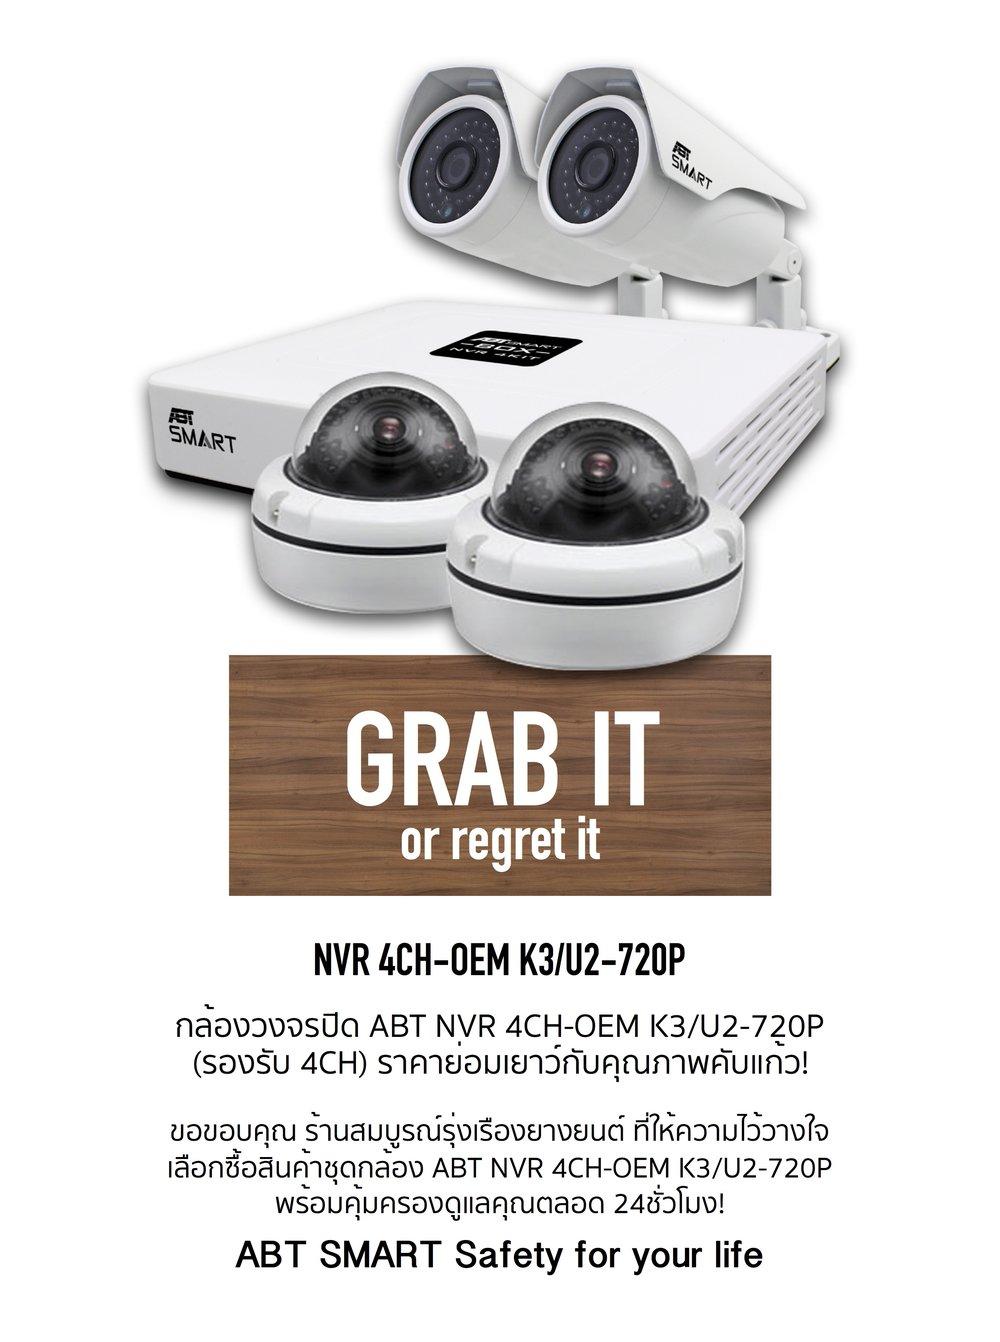 กล้องกันขโมย, NVR, OEM, WIFI